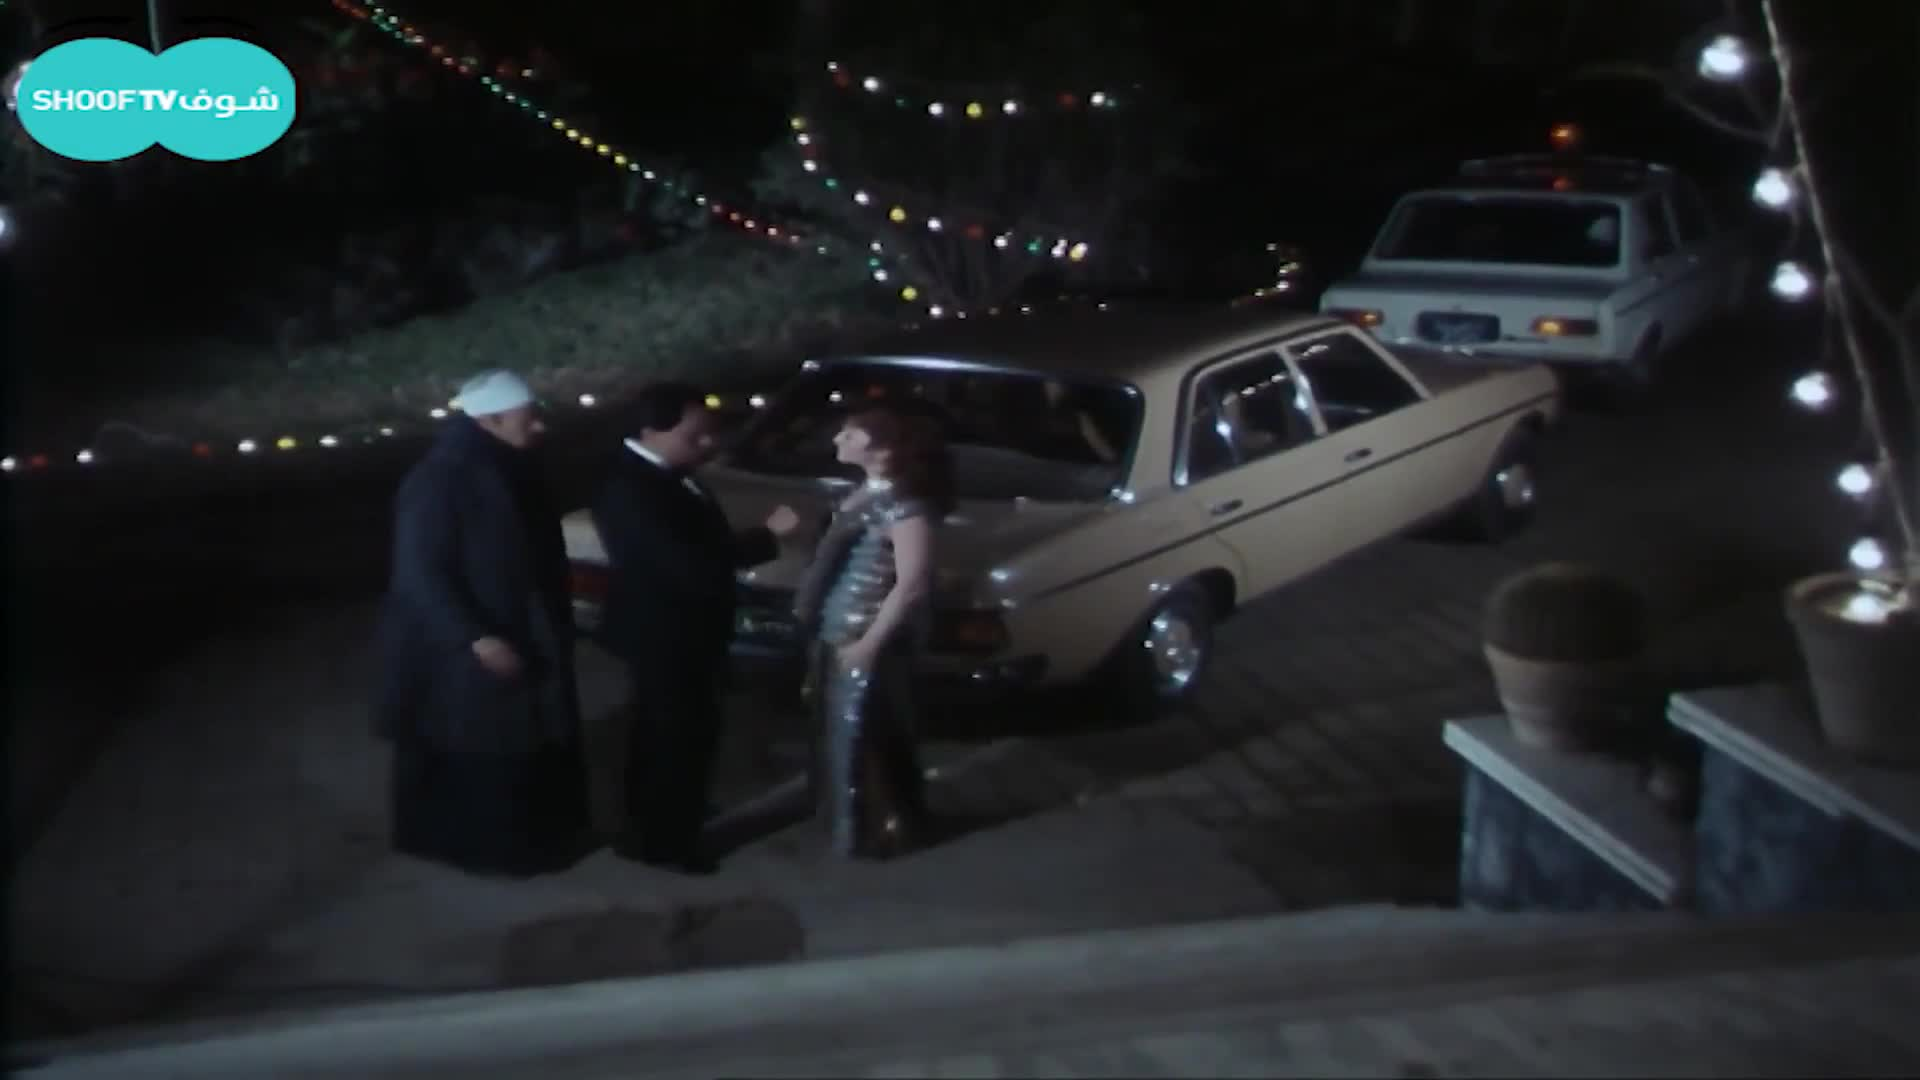 [فيلم][تورنت][تحميل][عصابة حمادة وتوتو][1982][1080p][Web-DL] 14 arabp2p.com